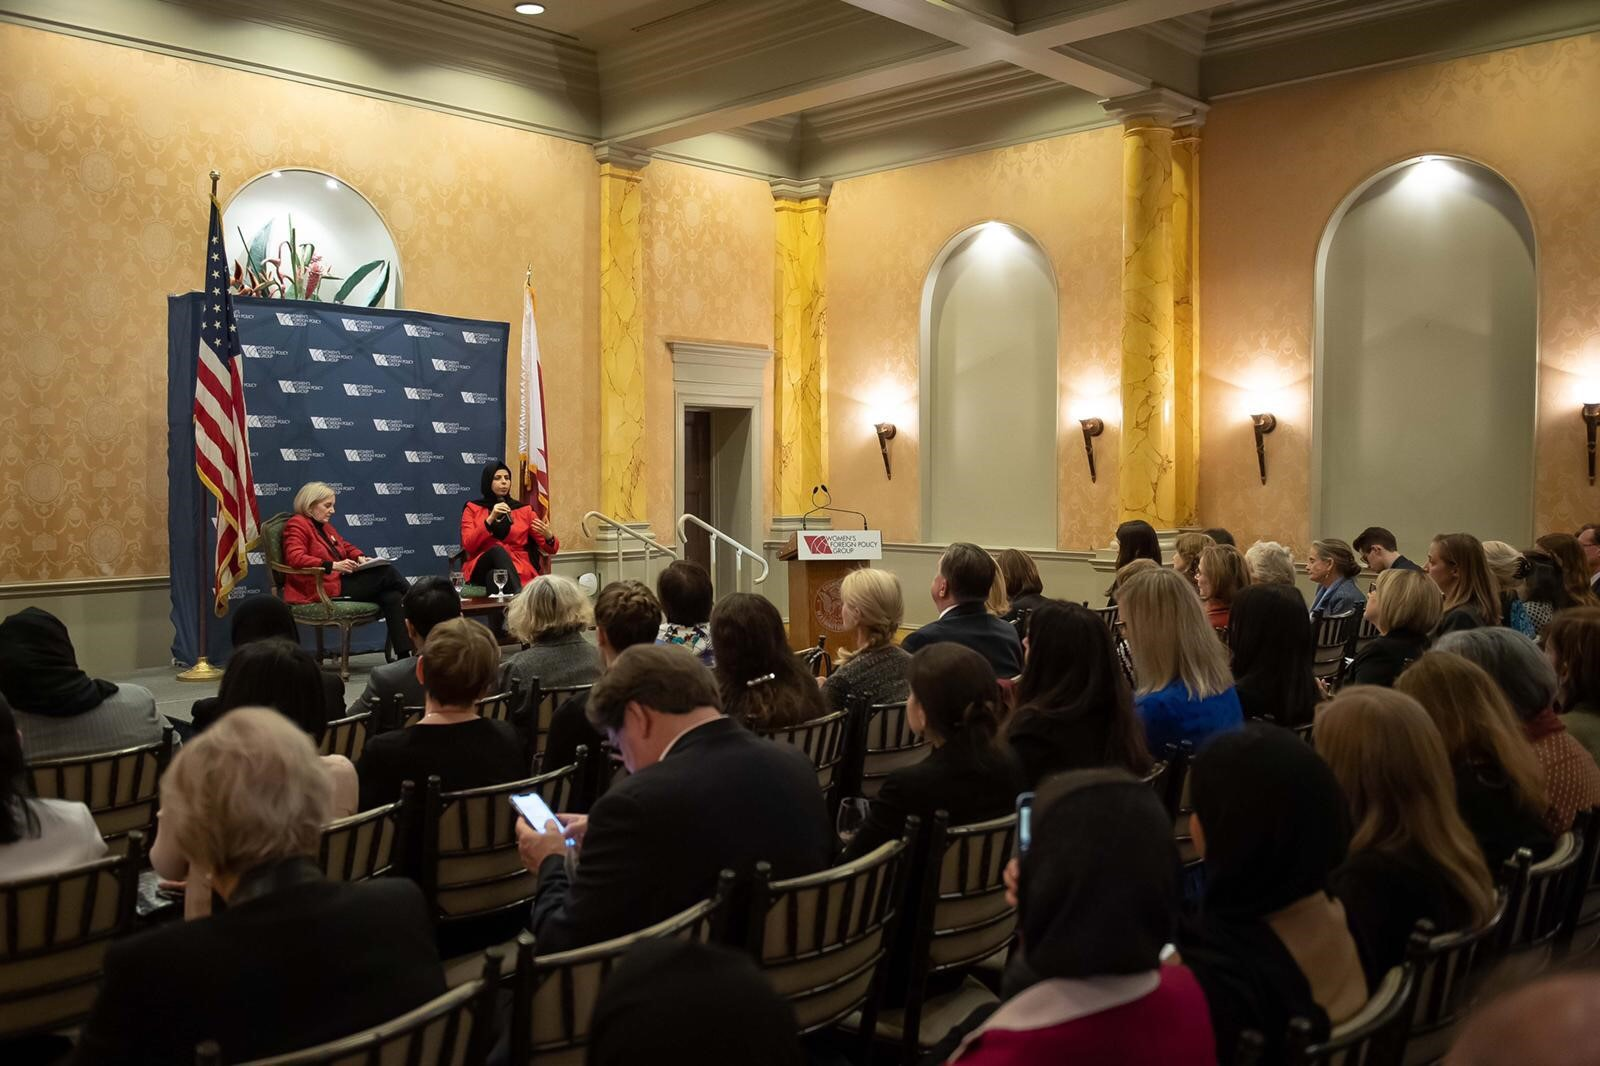 المتحدث الرسمي باسم وزارة الخارجية تجتمع مع مسؤولين أمريكيين